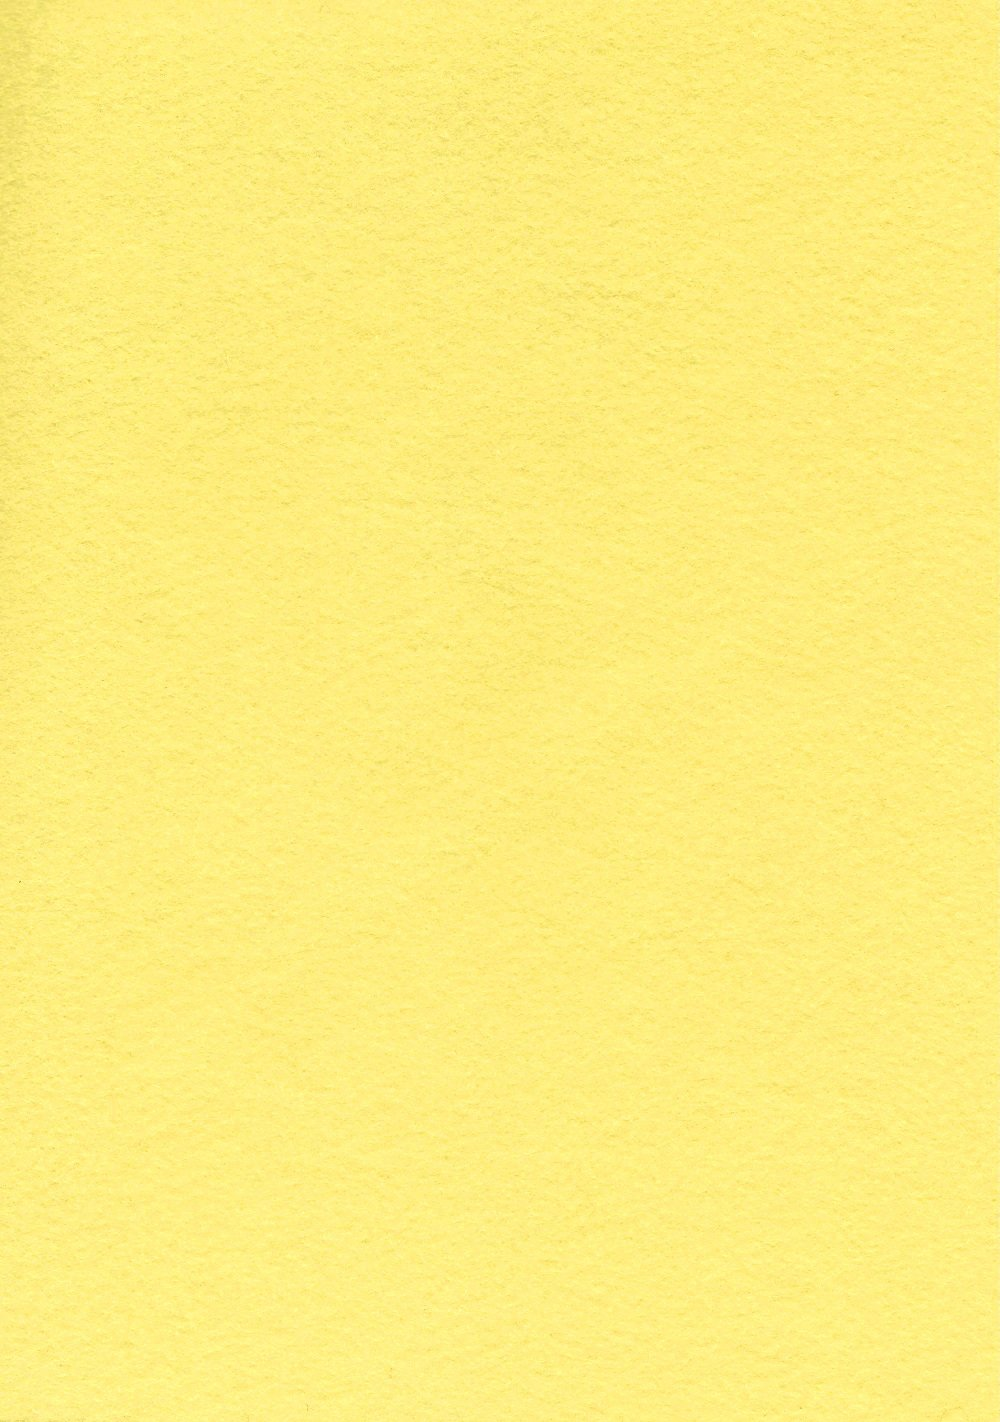 Buttercup - 12 x 18 Square